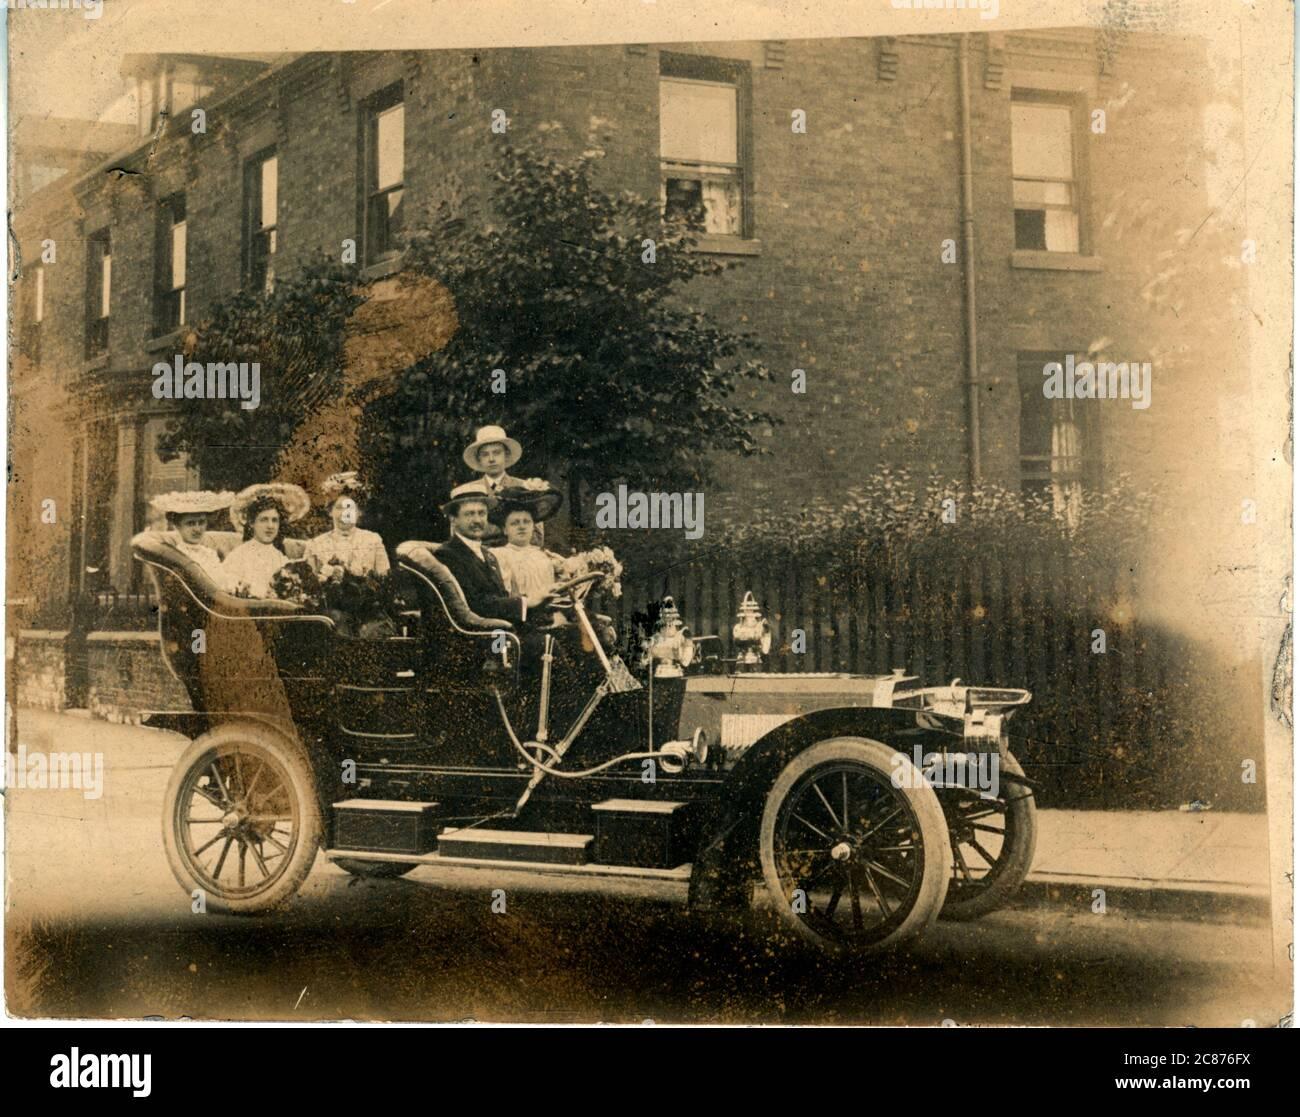 Voiture d'époque, peut-être Keighley, peut-être un Brown, Angleterre. 1905 Banque D'Images